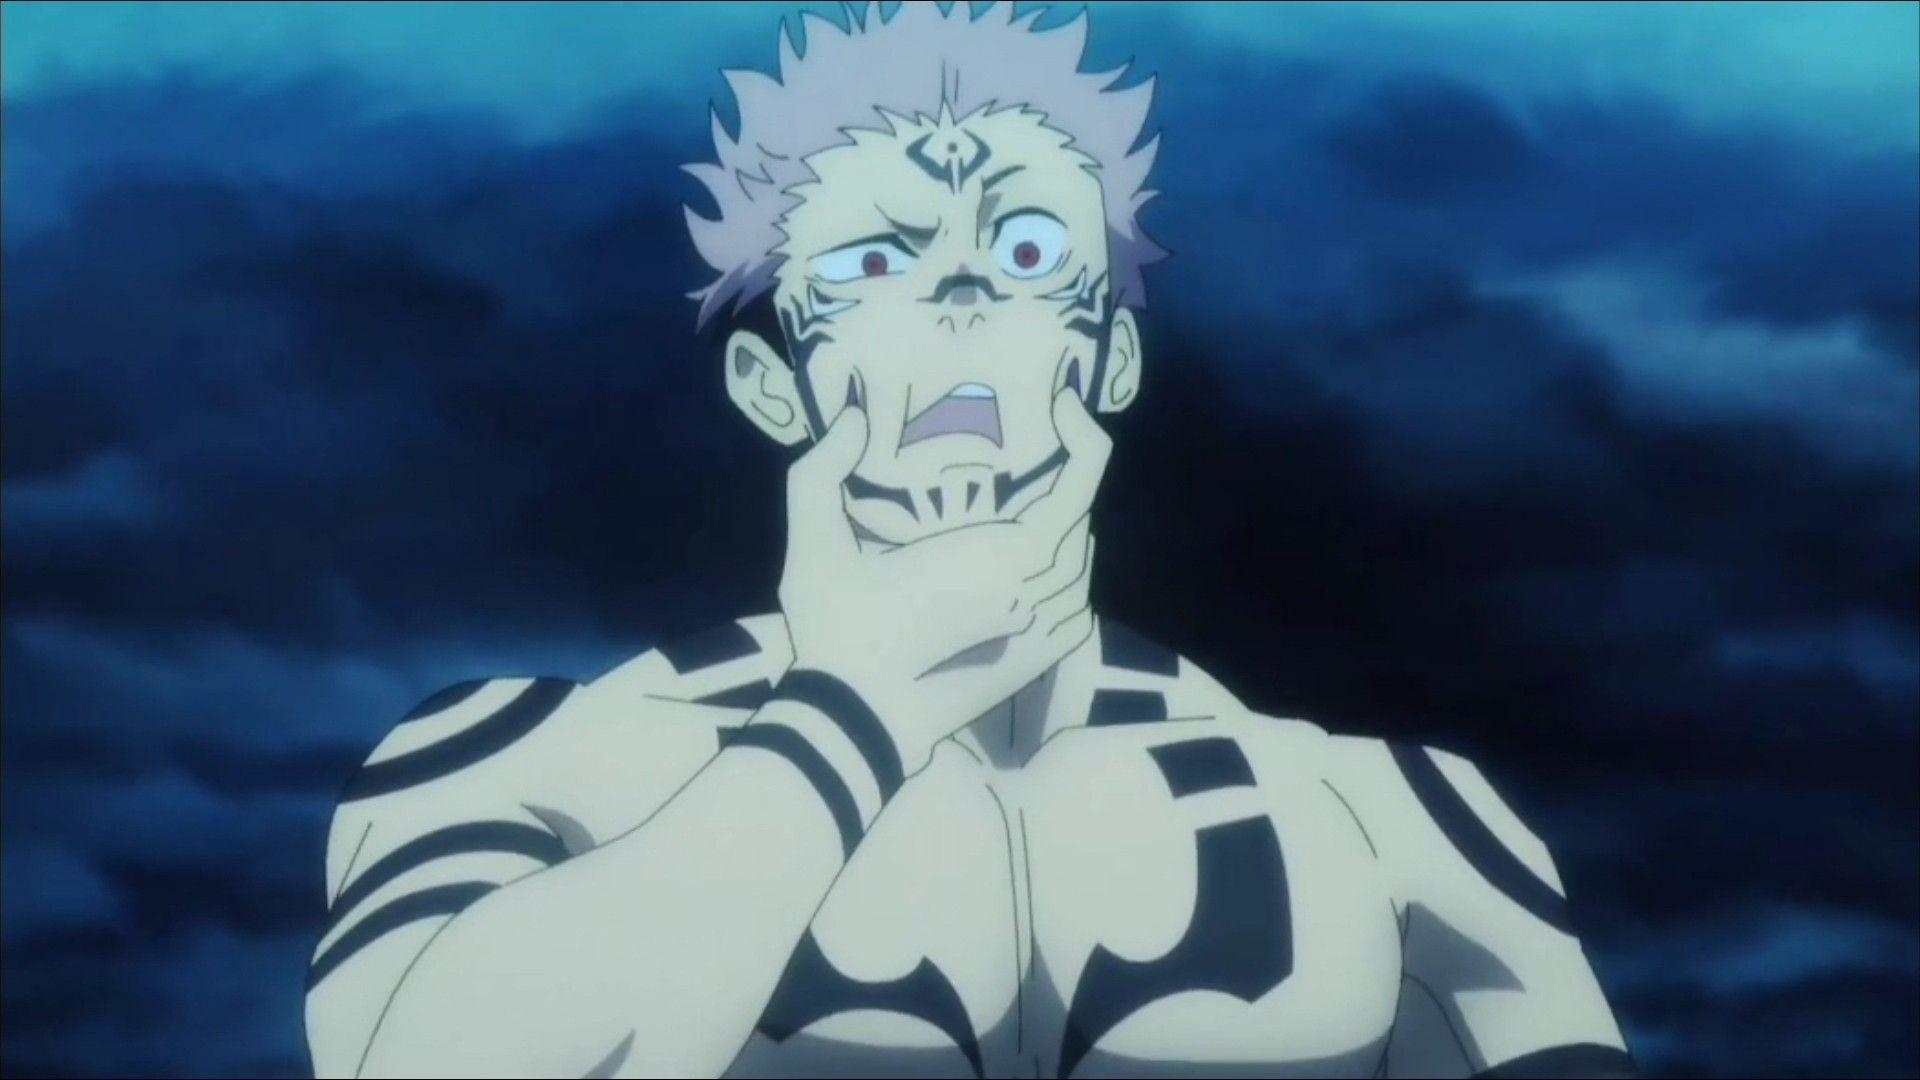 Jujutsu Kaisen S1e1 Jujutsu Anime Dark Anime Guys